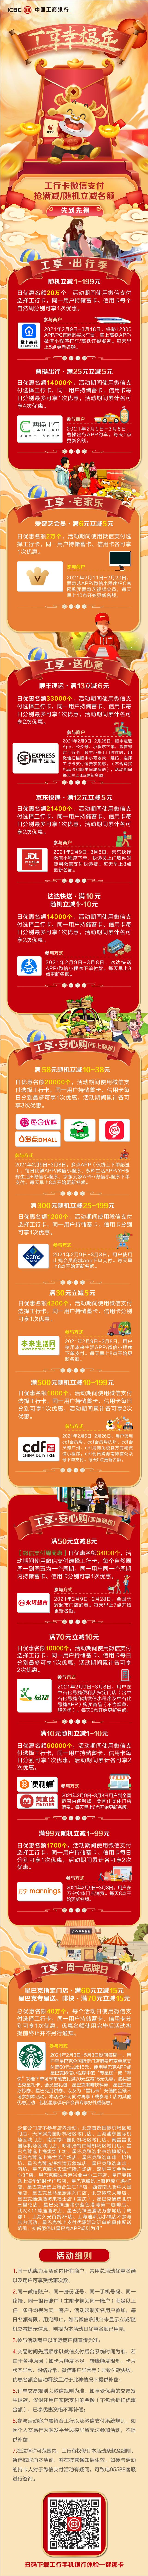 中国工商银行·工享幸福年